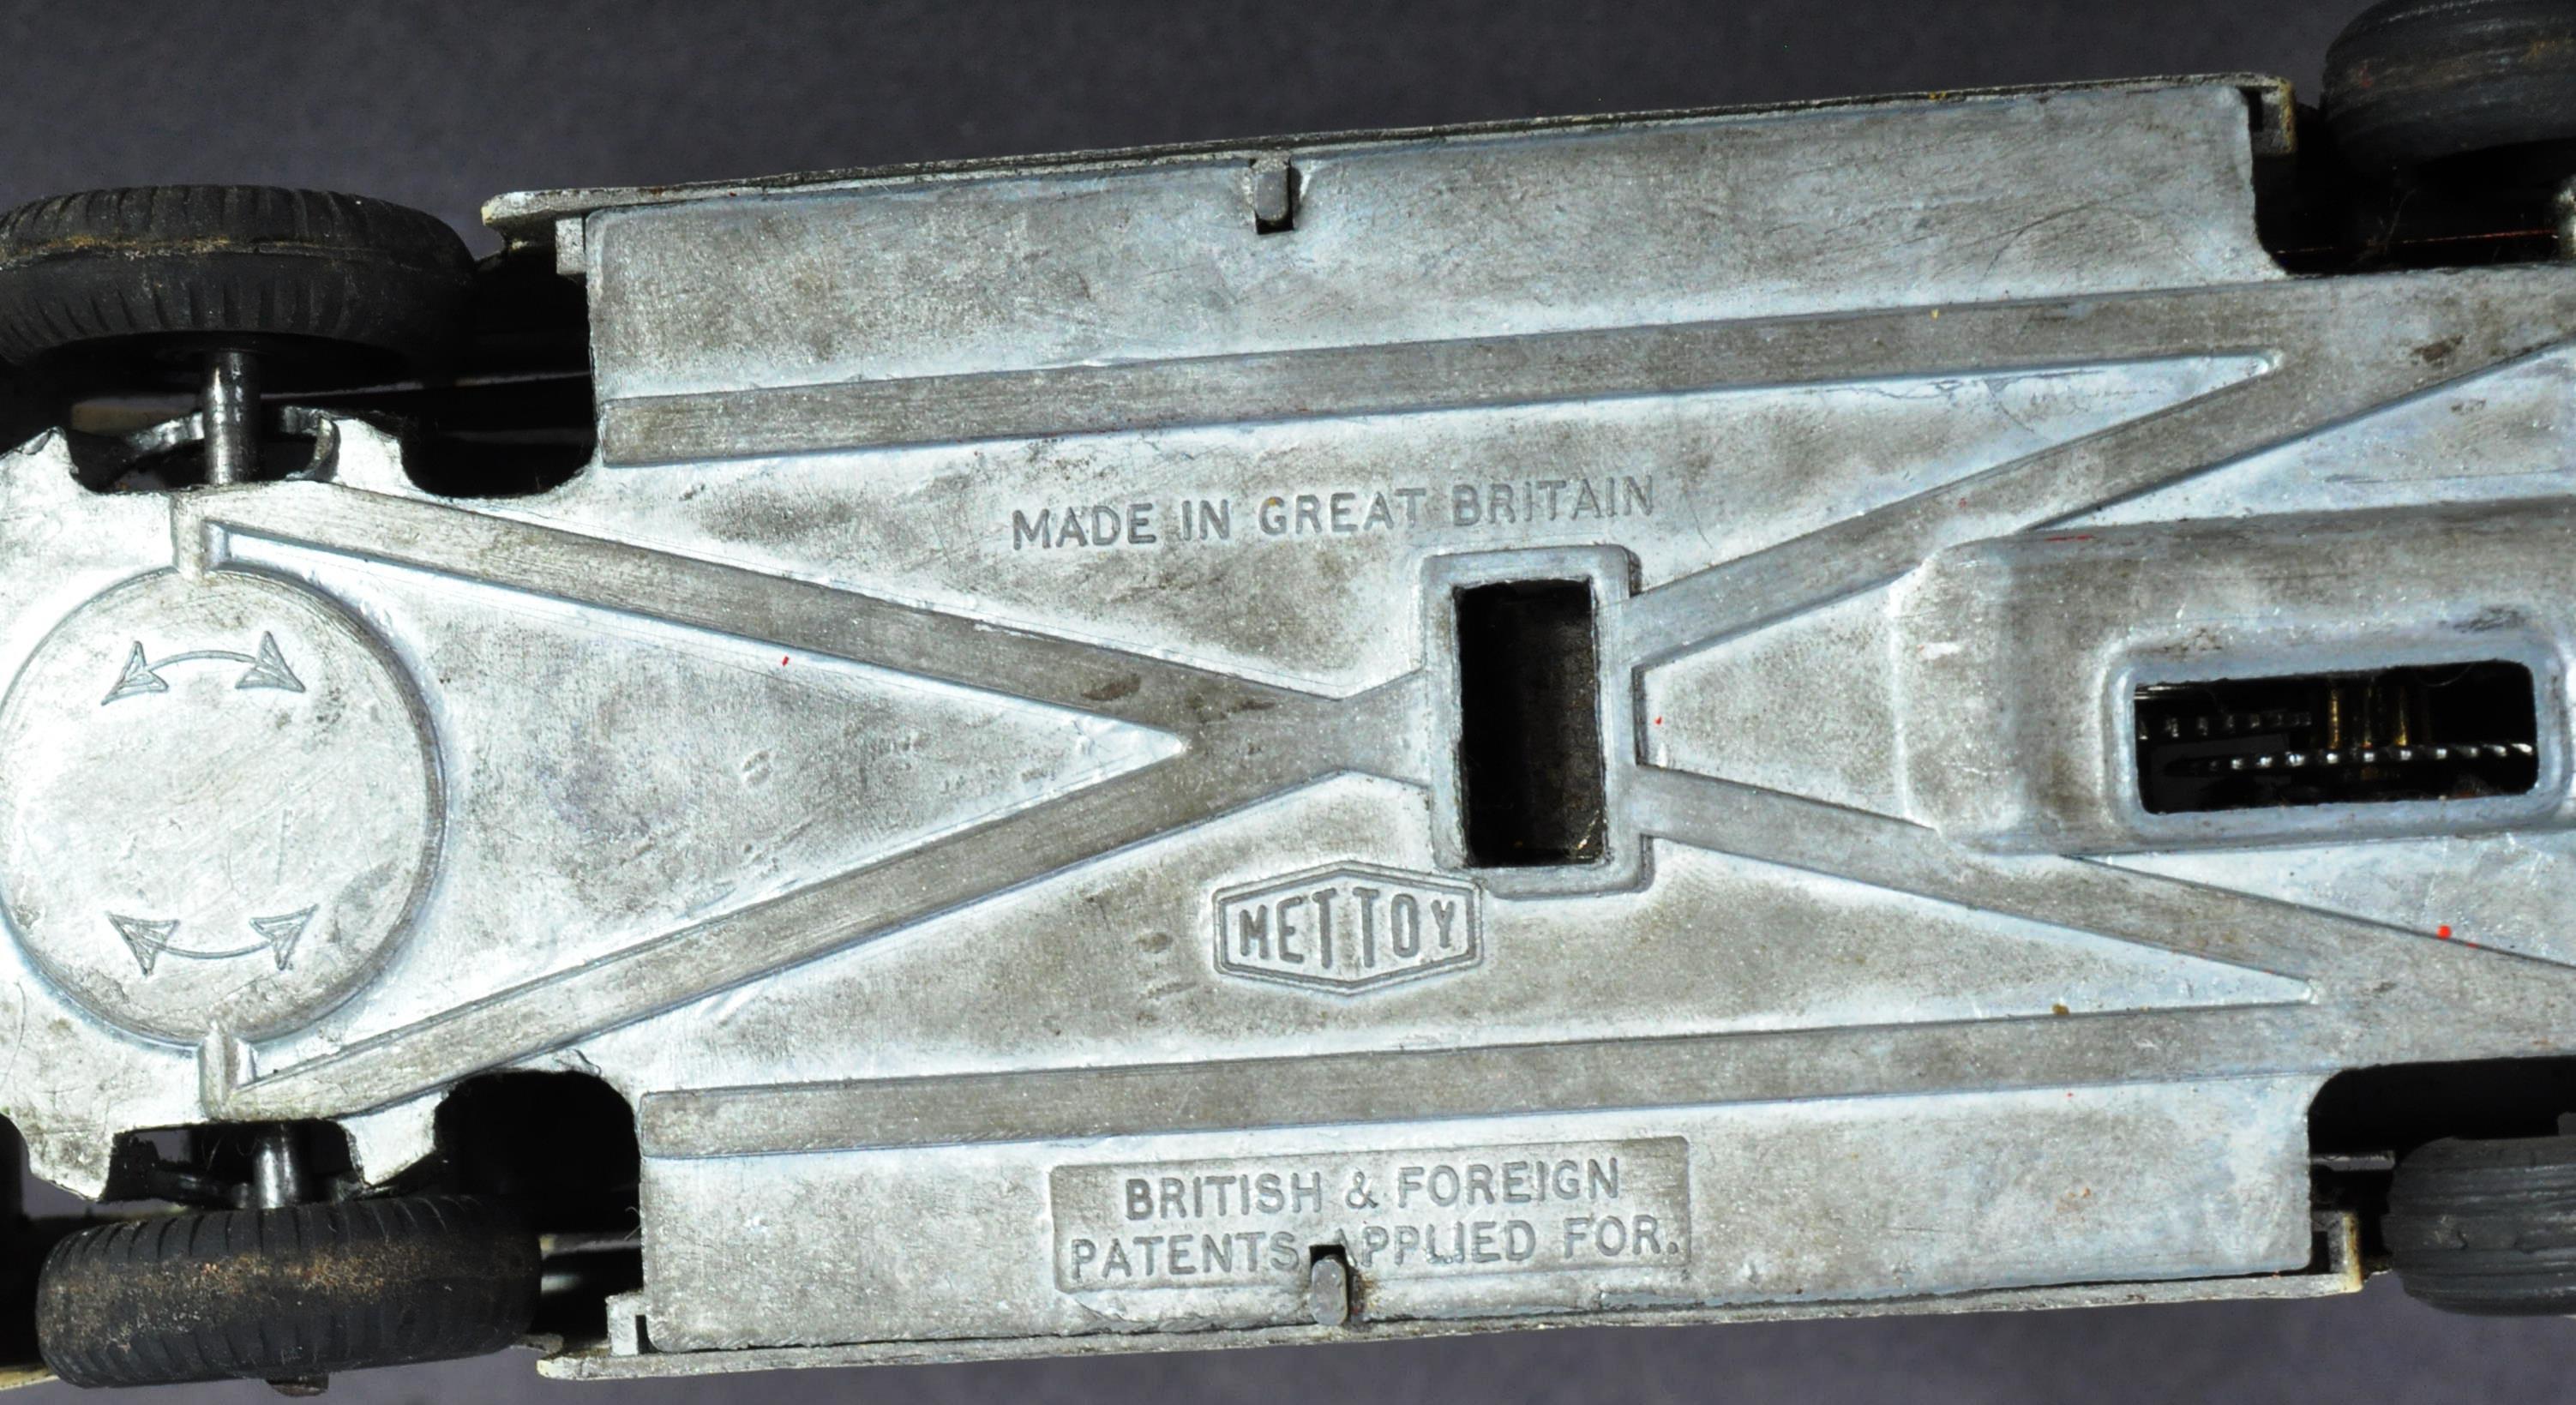 VINTAGE METTOY CLOCKWORK METAL DIECAST MODEL BUS / COACH - Image 3 of 3